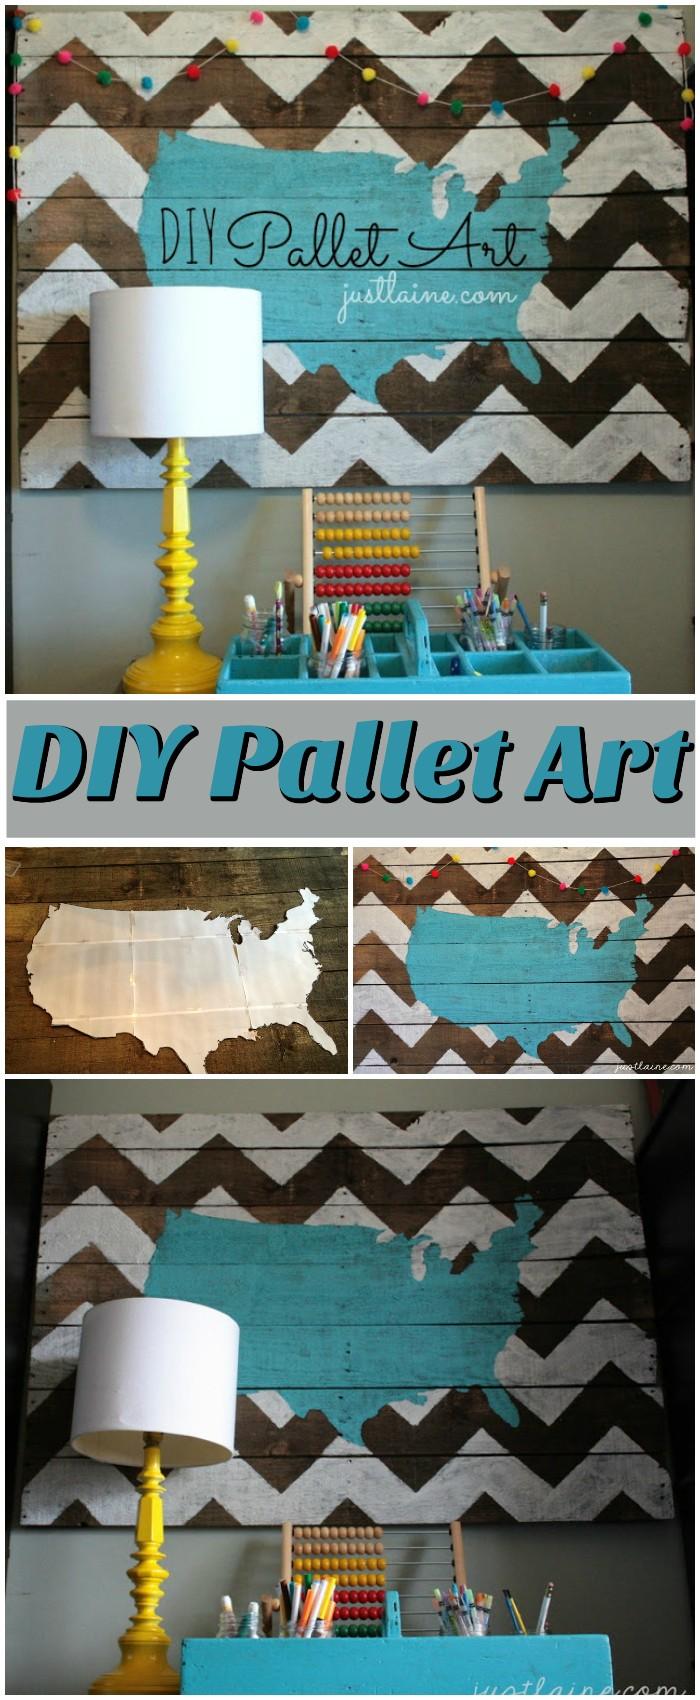 DIY Pallet Art